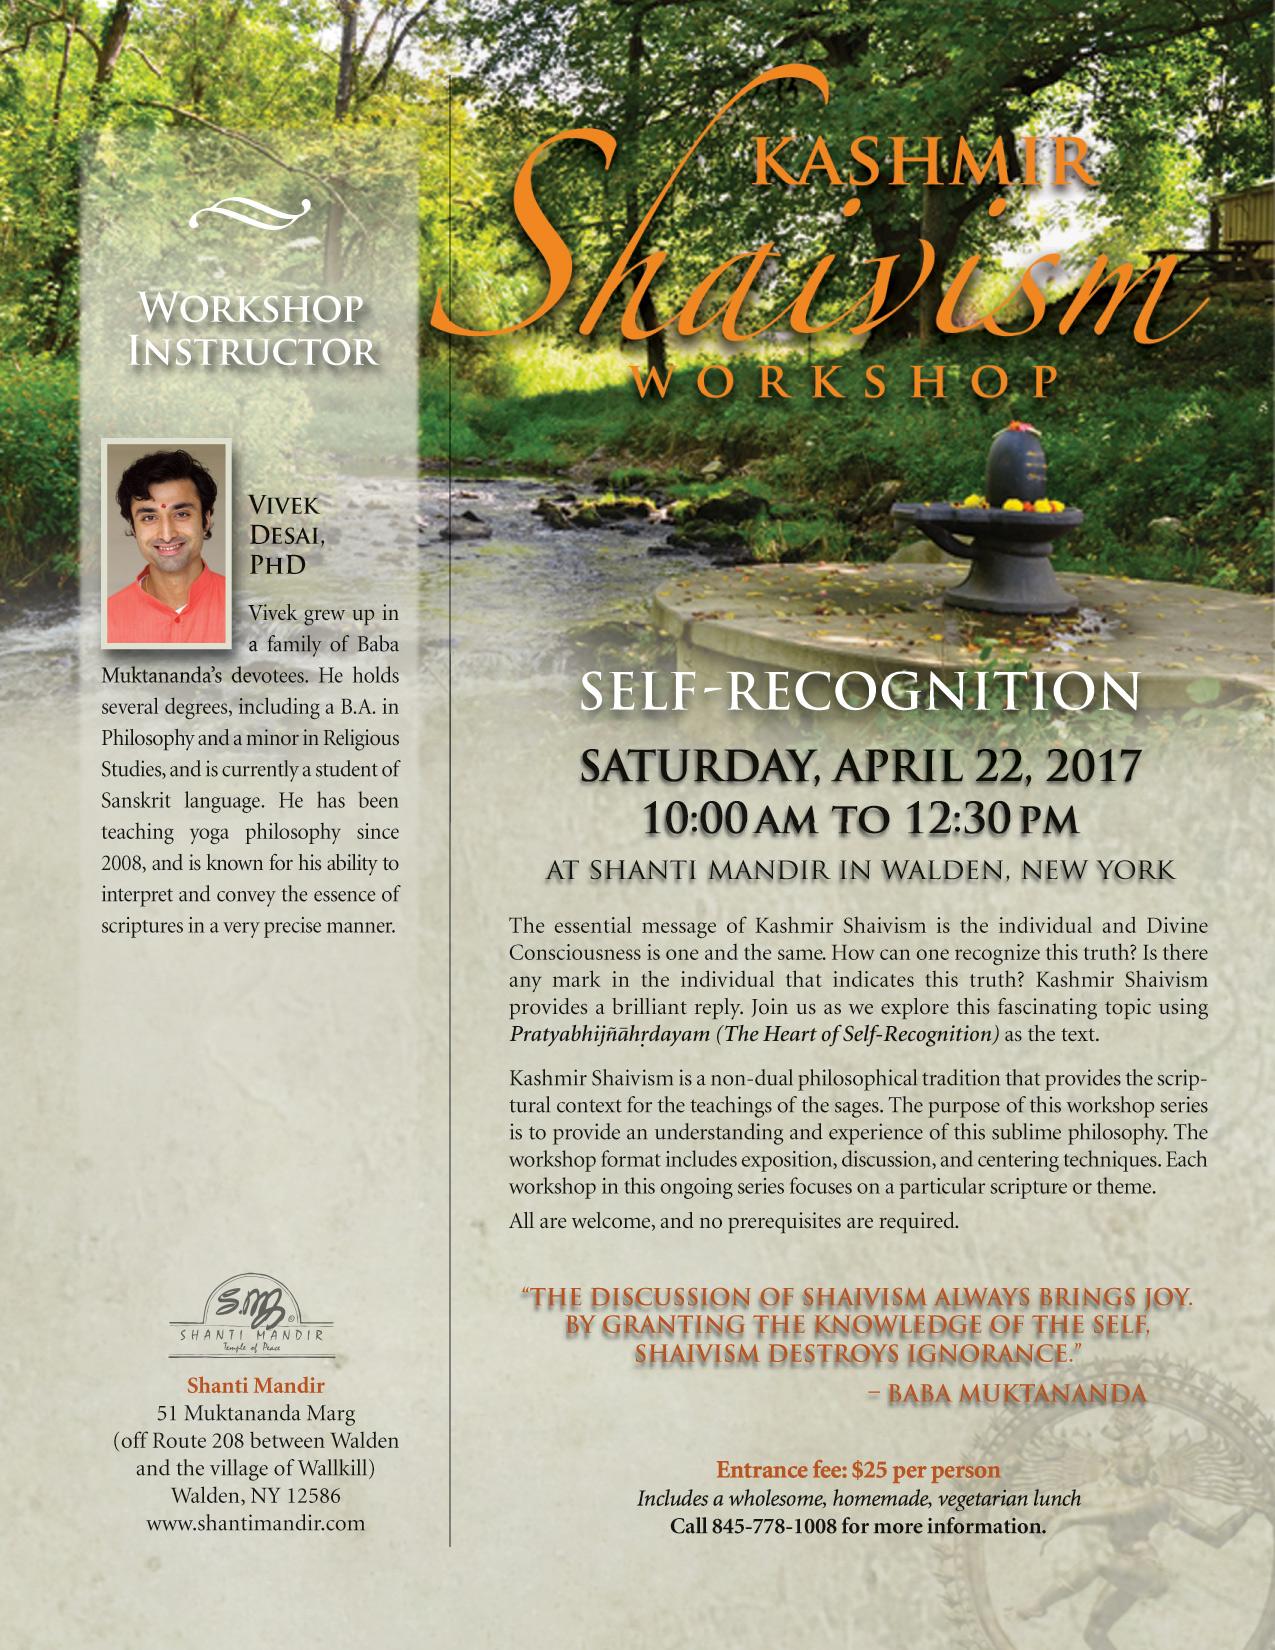 Kashmir Shaivism Workshop Flyer-Apr 2017